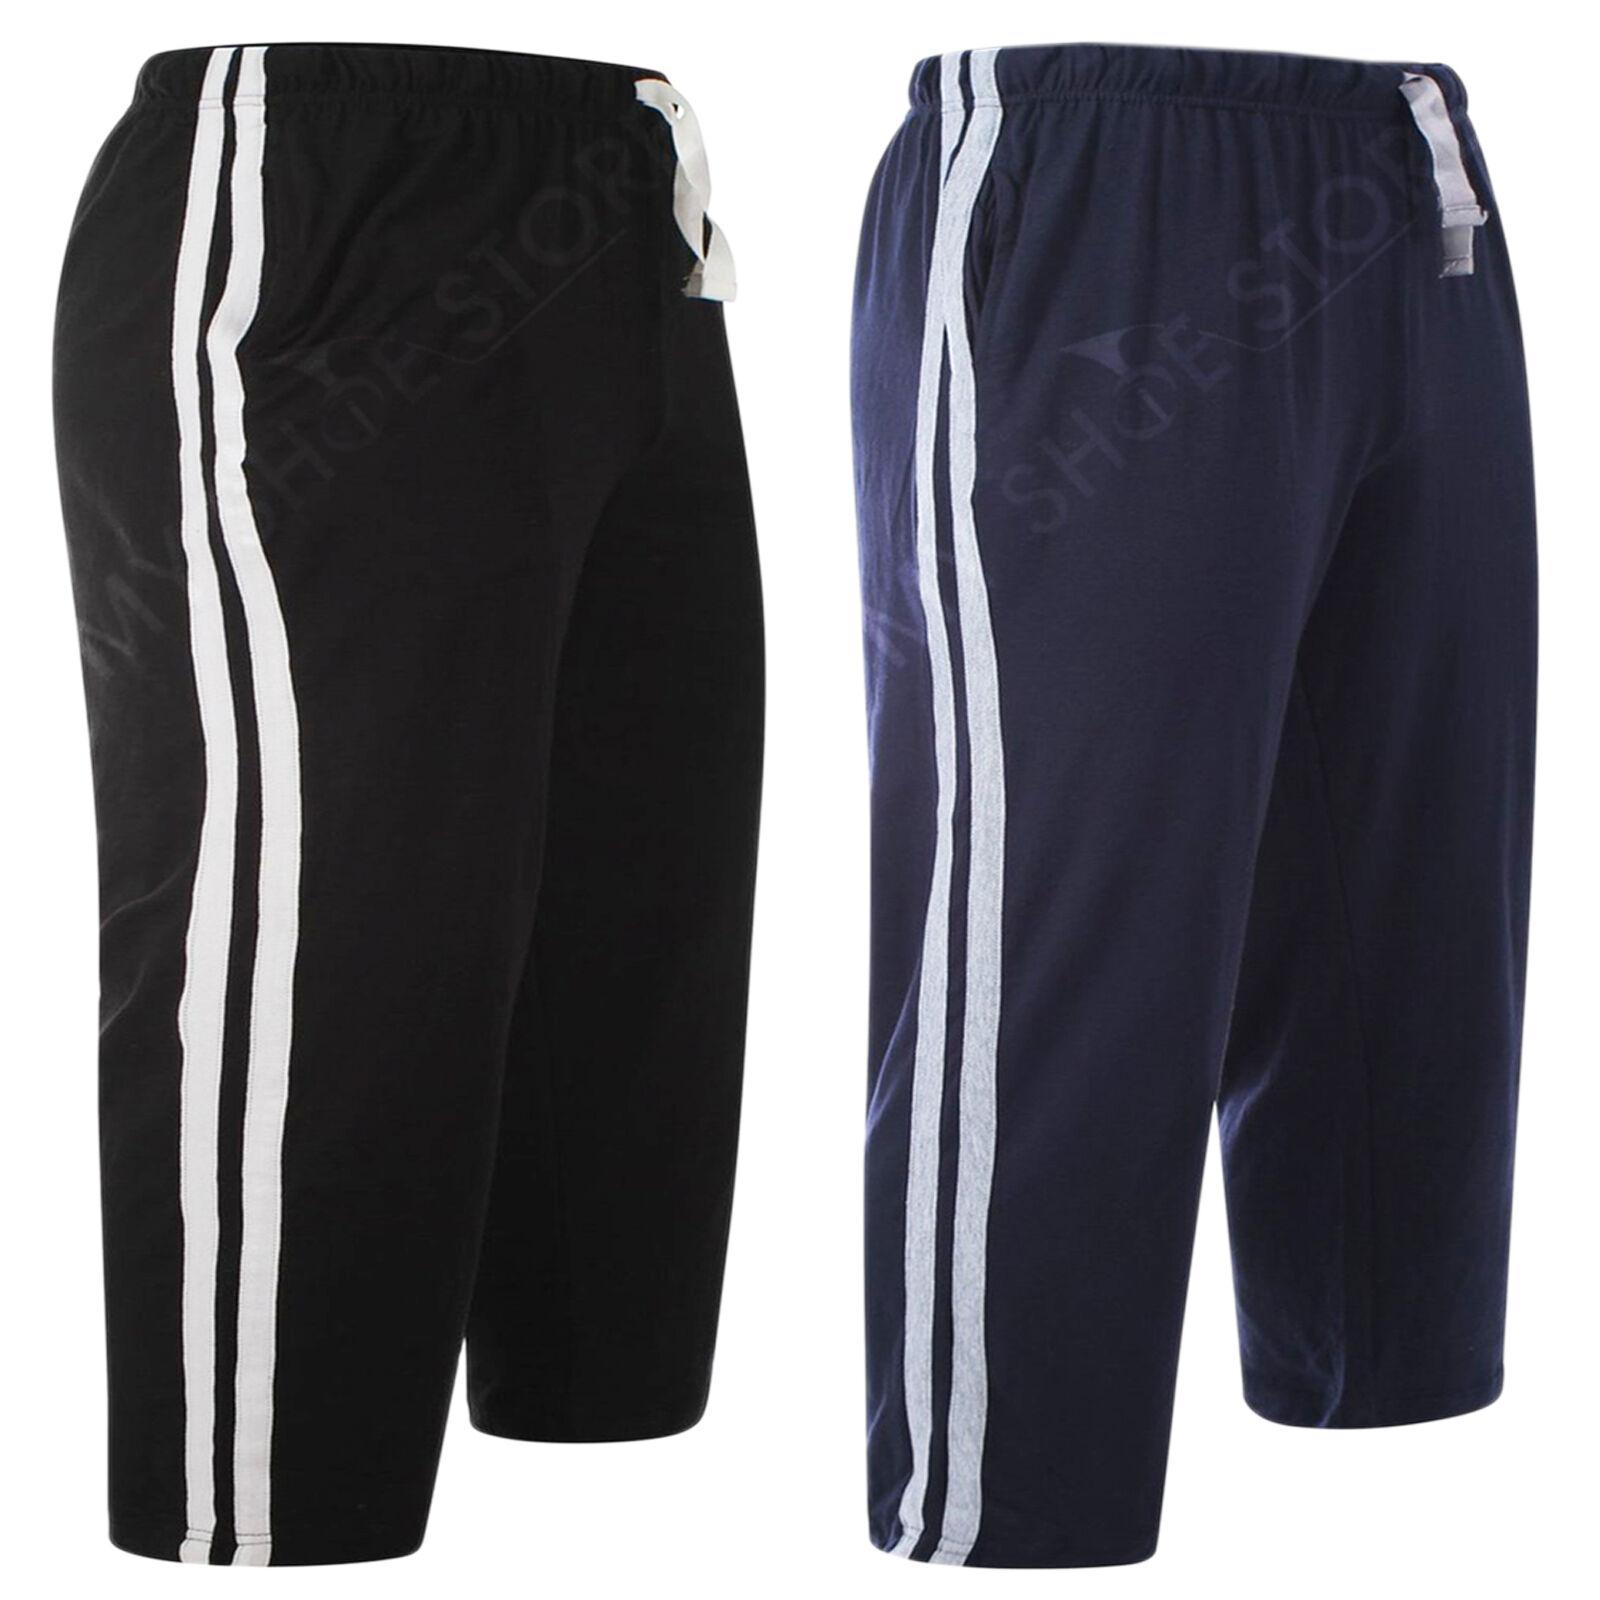 2 x Pack Homme Lounge Wear Nightwear Short Pyjama Nightwear Wear Pyjama Bas Pantalon Loisirs S-2XL f3a00b